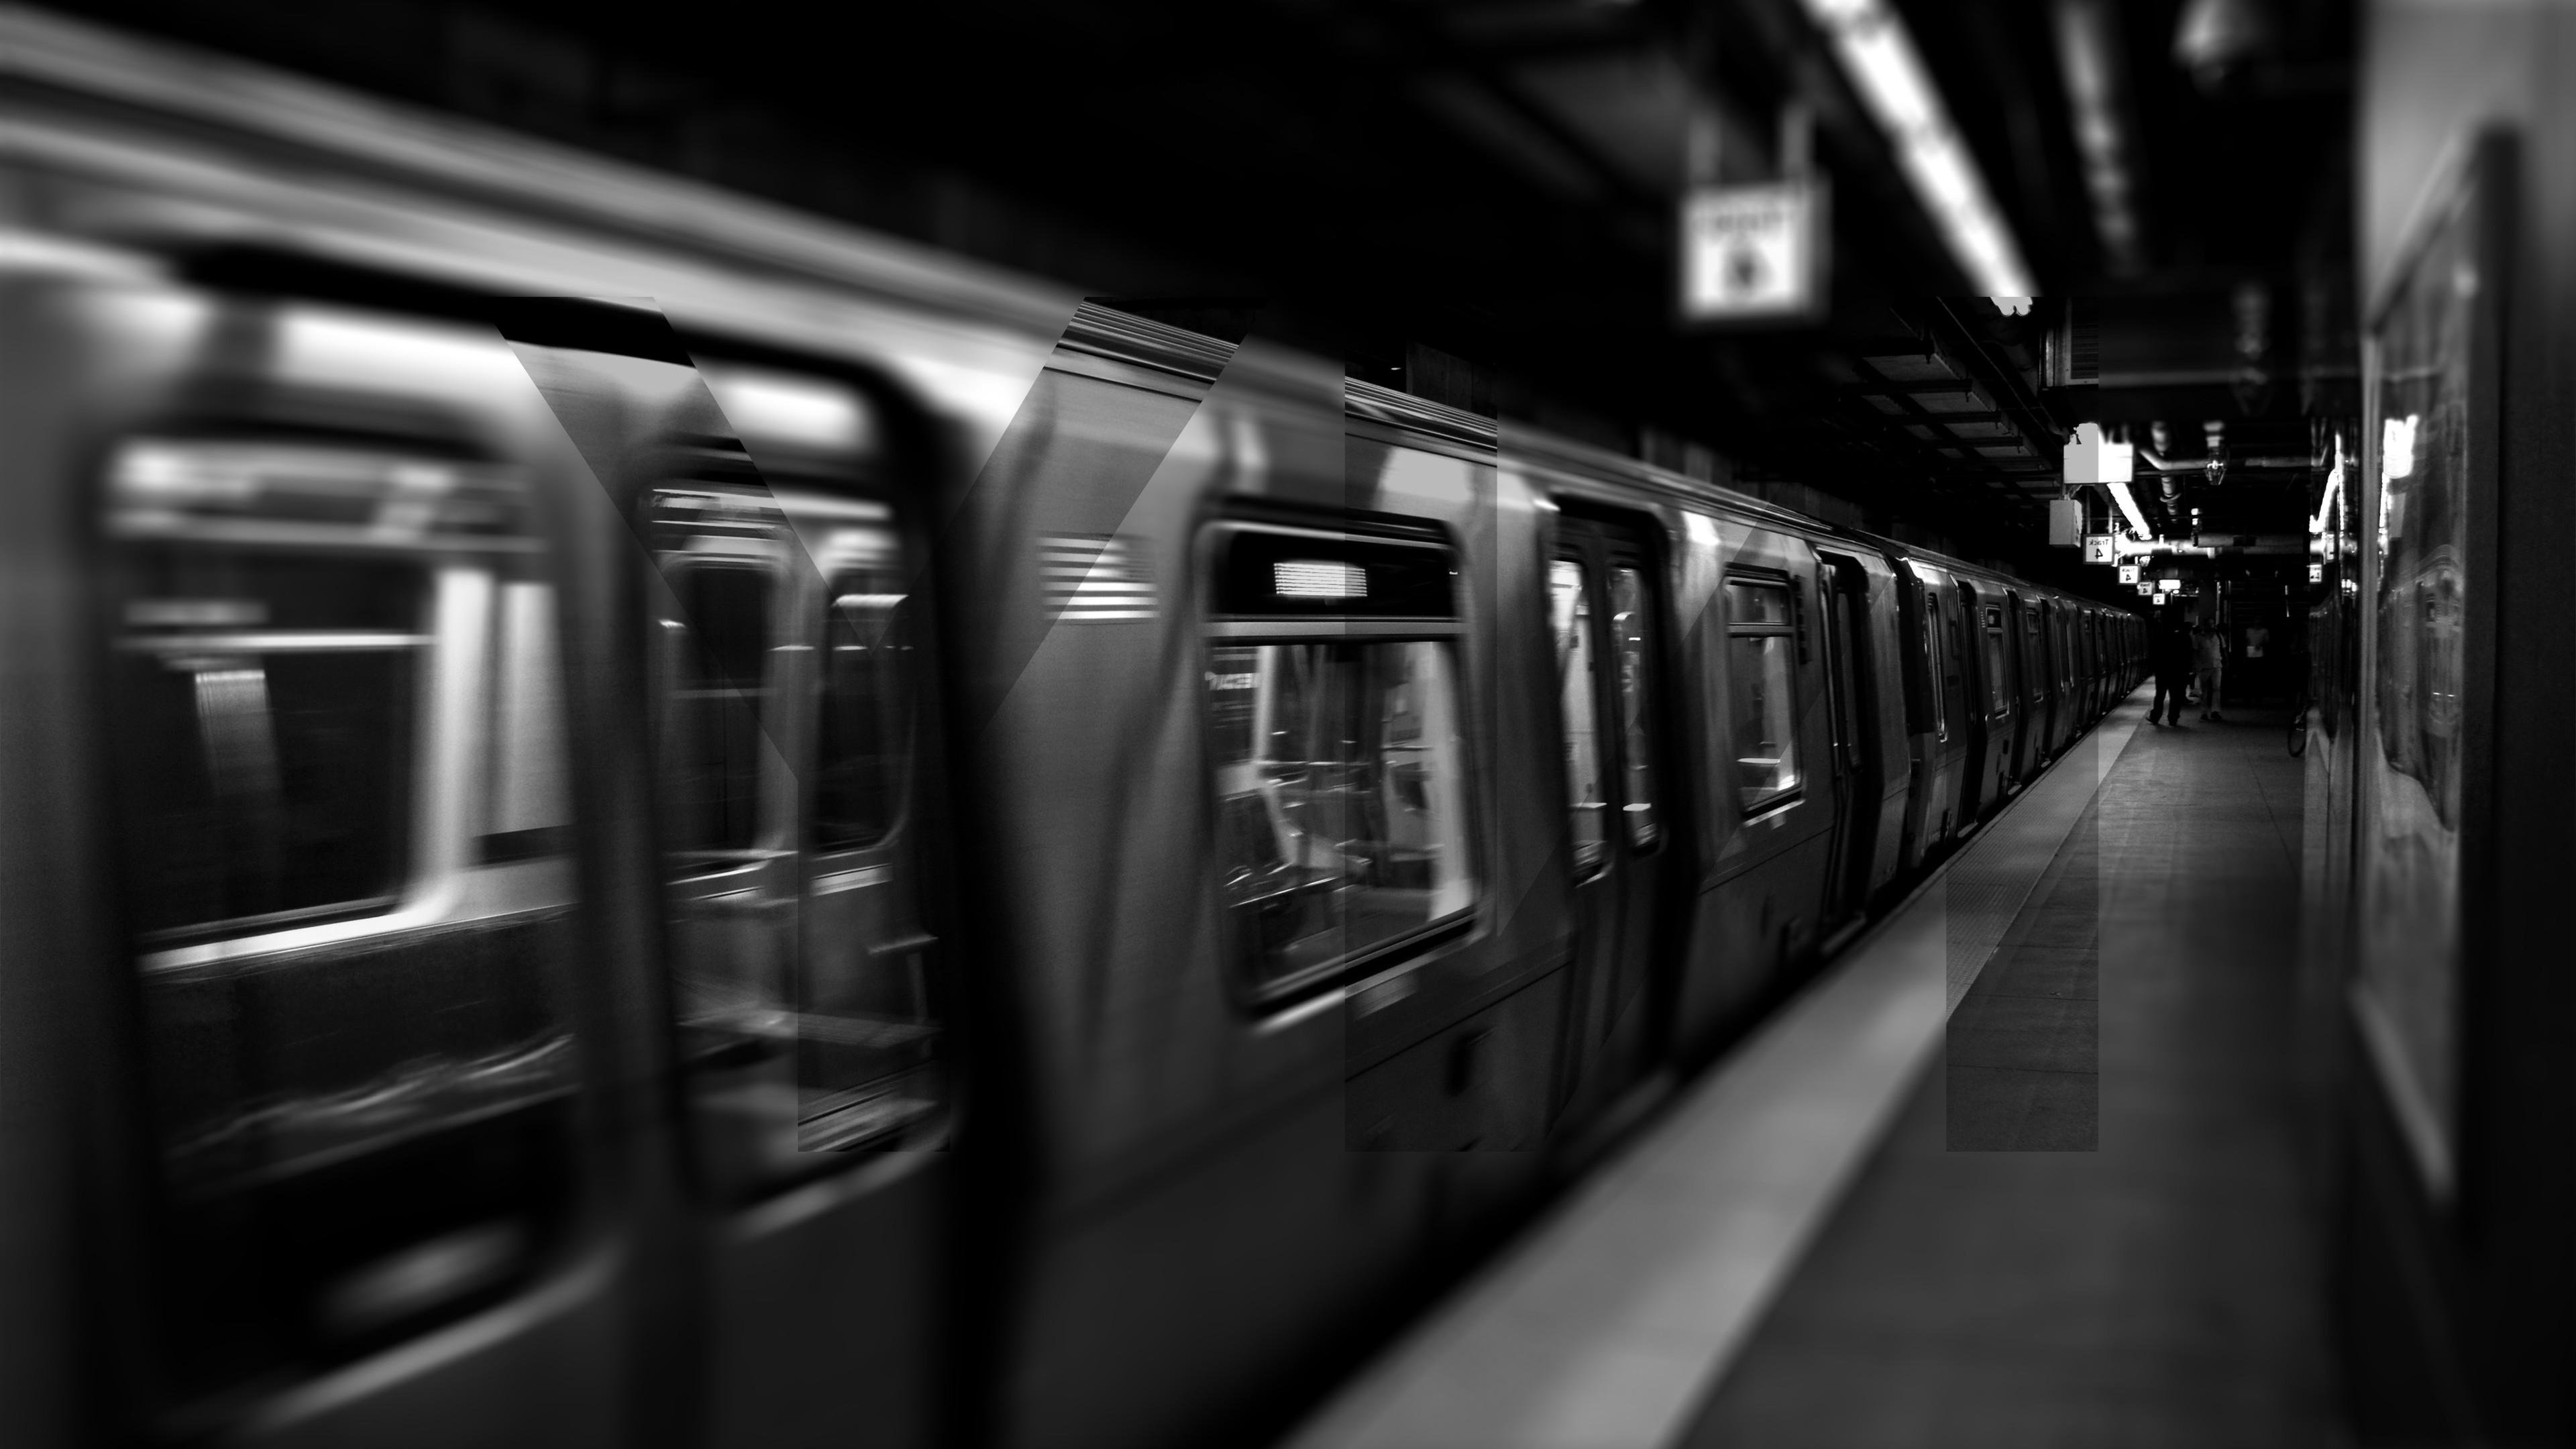 new york city underground subway train 1538069024 - New York City Underground Subway Train - world wallpapers, train wallpapers, subway wallpapers, new york wallpapers, city wallpapers